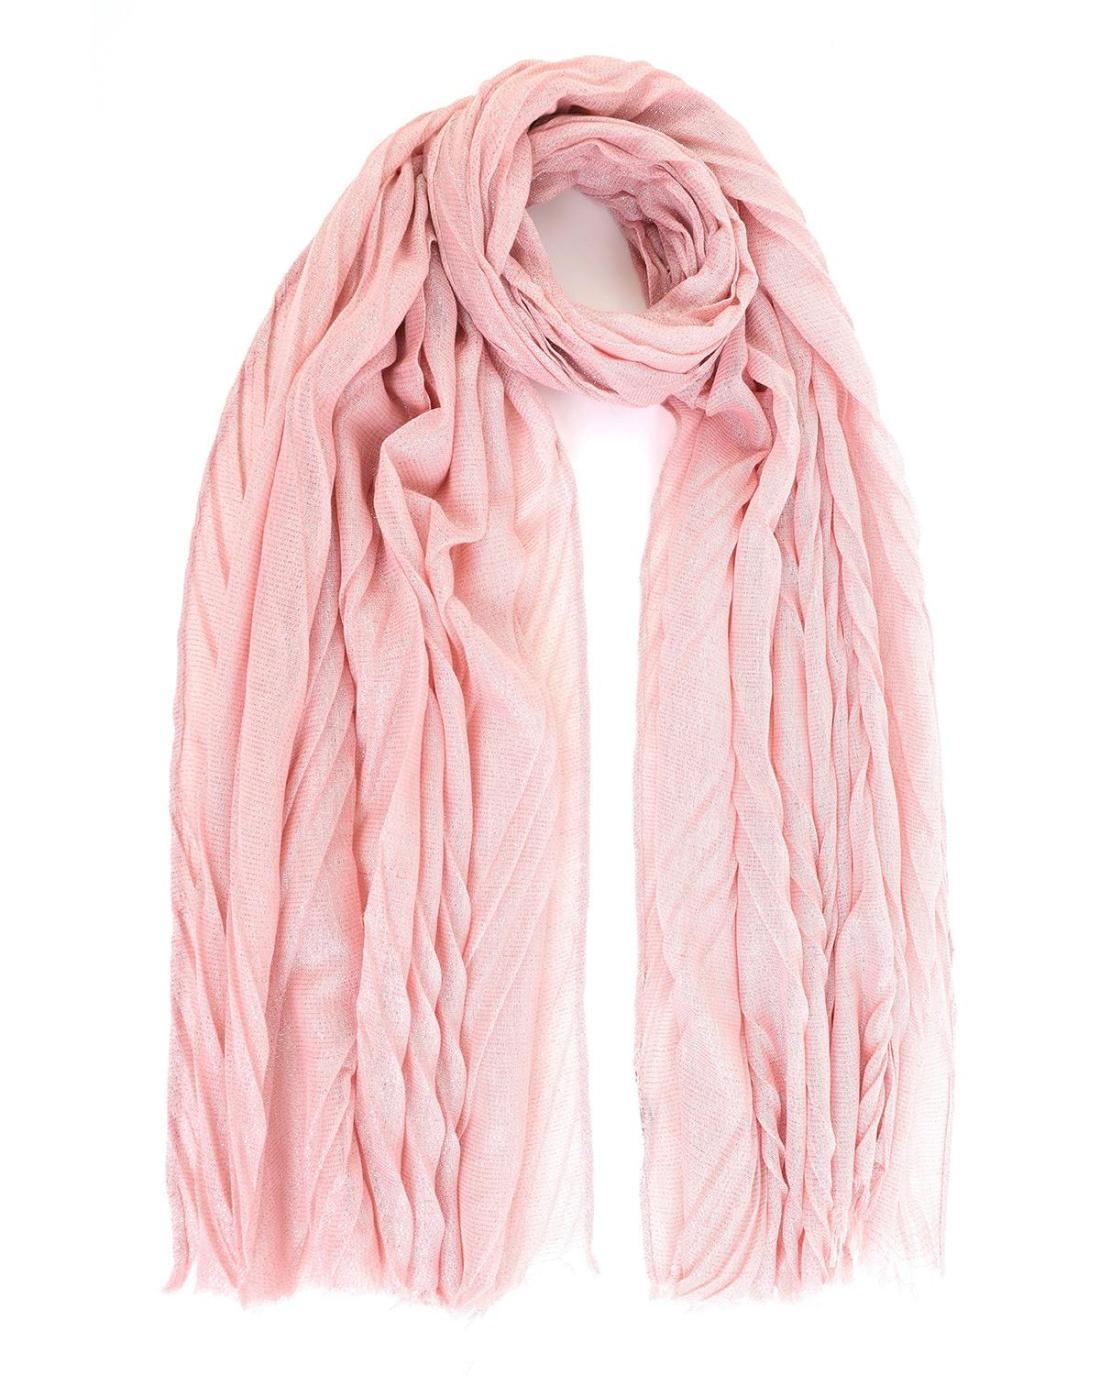 Foulard-Tücher rosa